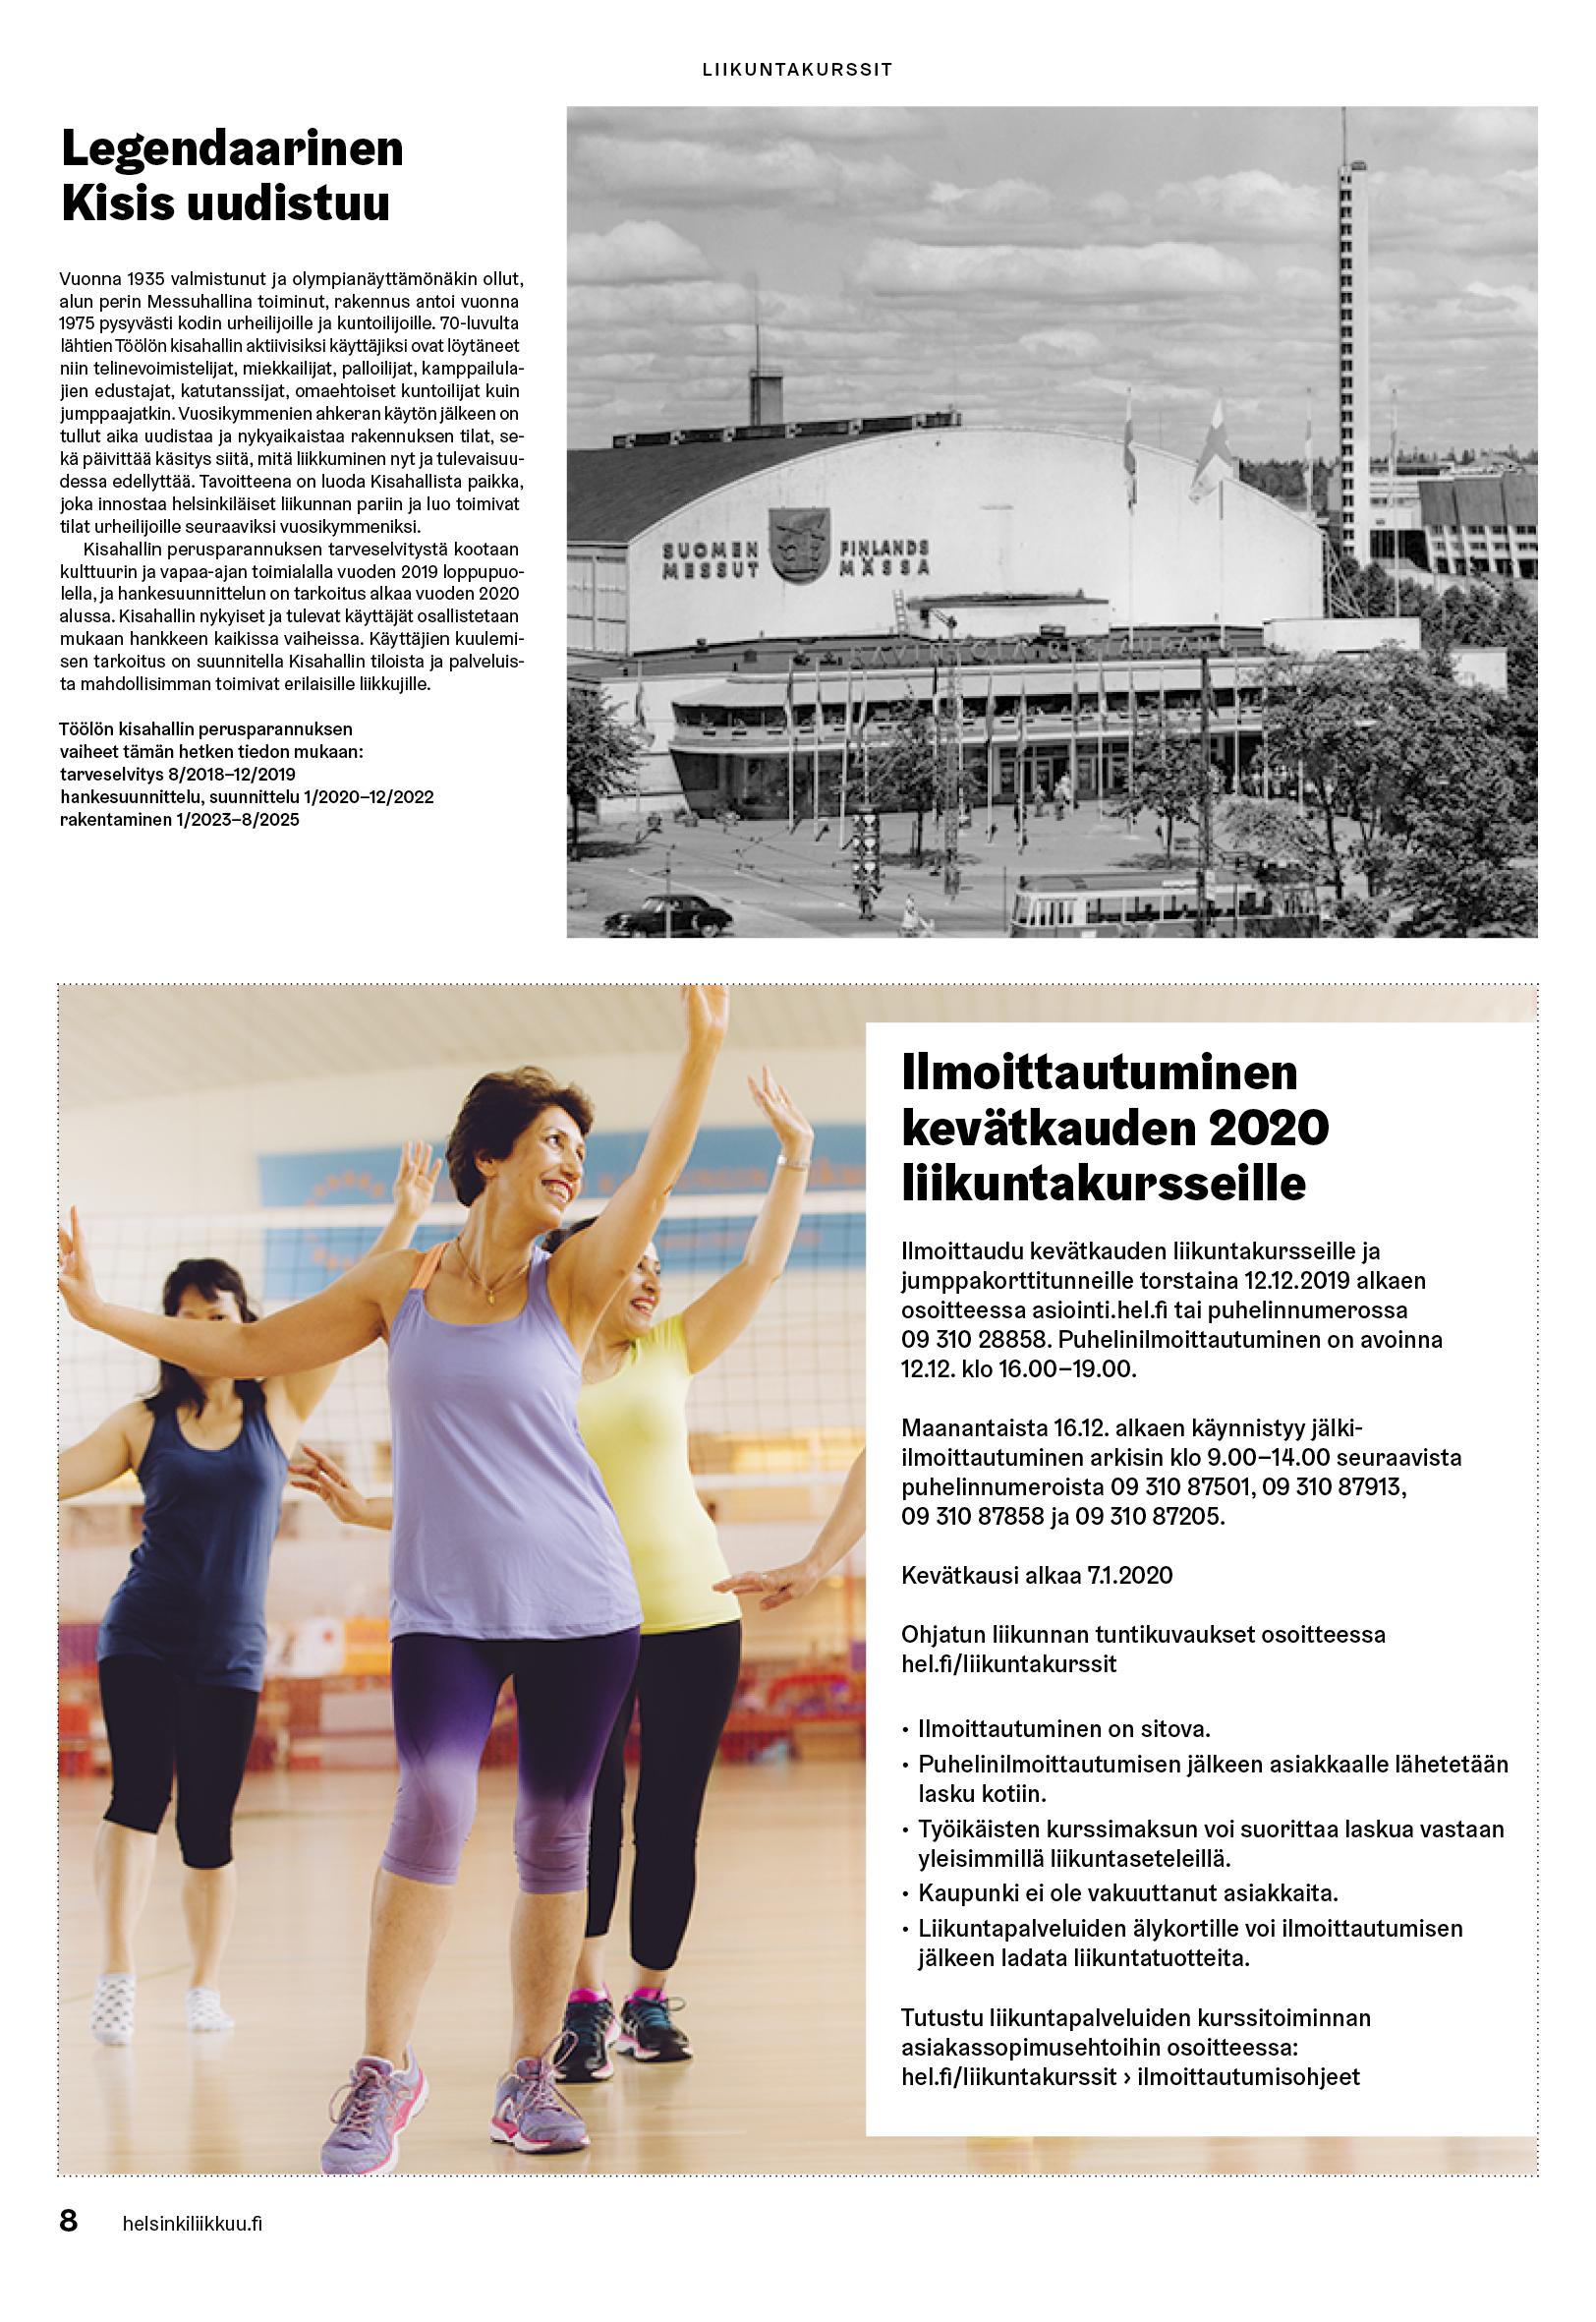 Helsingin_Uutiset_liikuntapalveluiden_kevatesite_2020_netti_sivuittain_150ppi8